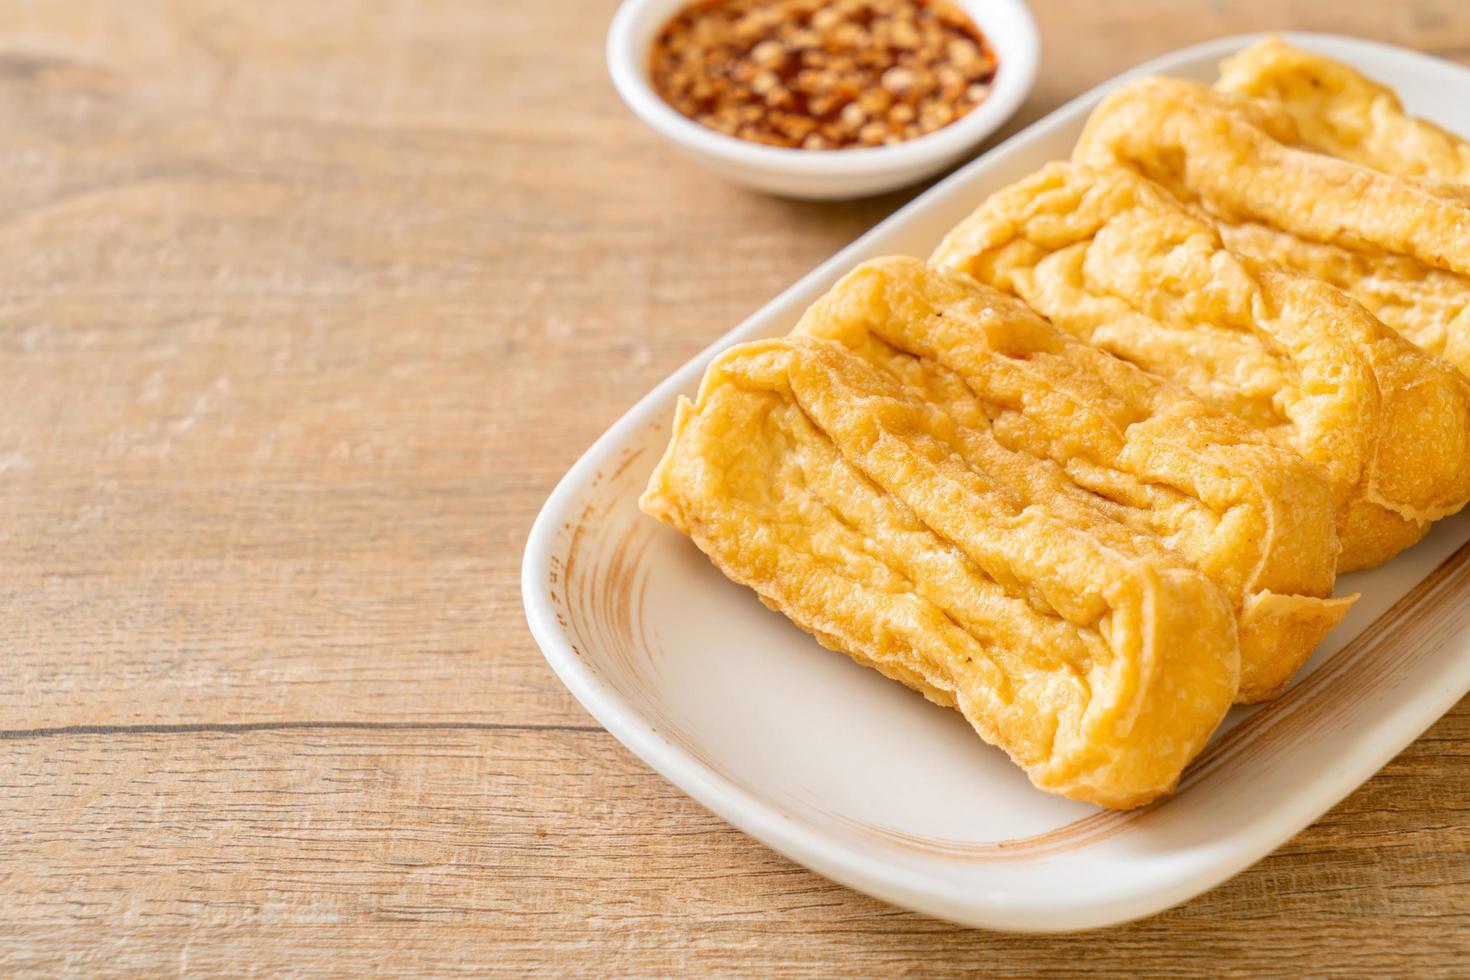 gefrituurde tofu met saus - veganistische en vegetarische eetstijl foto